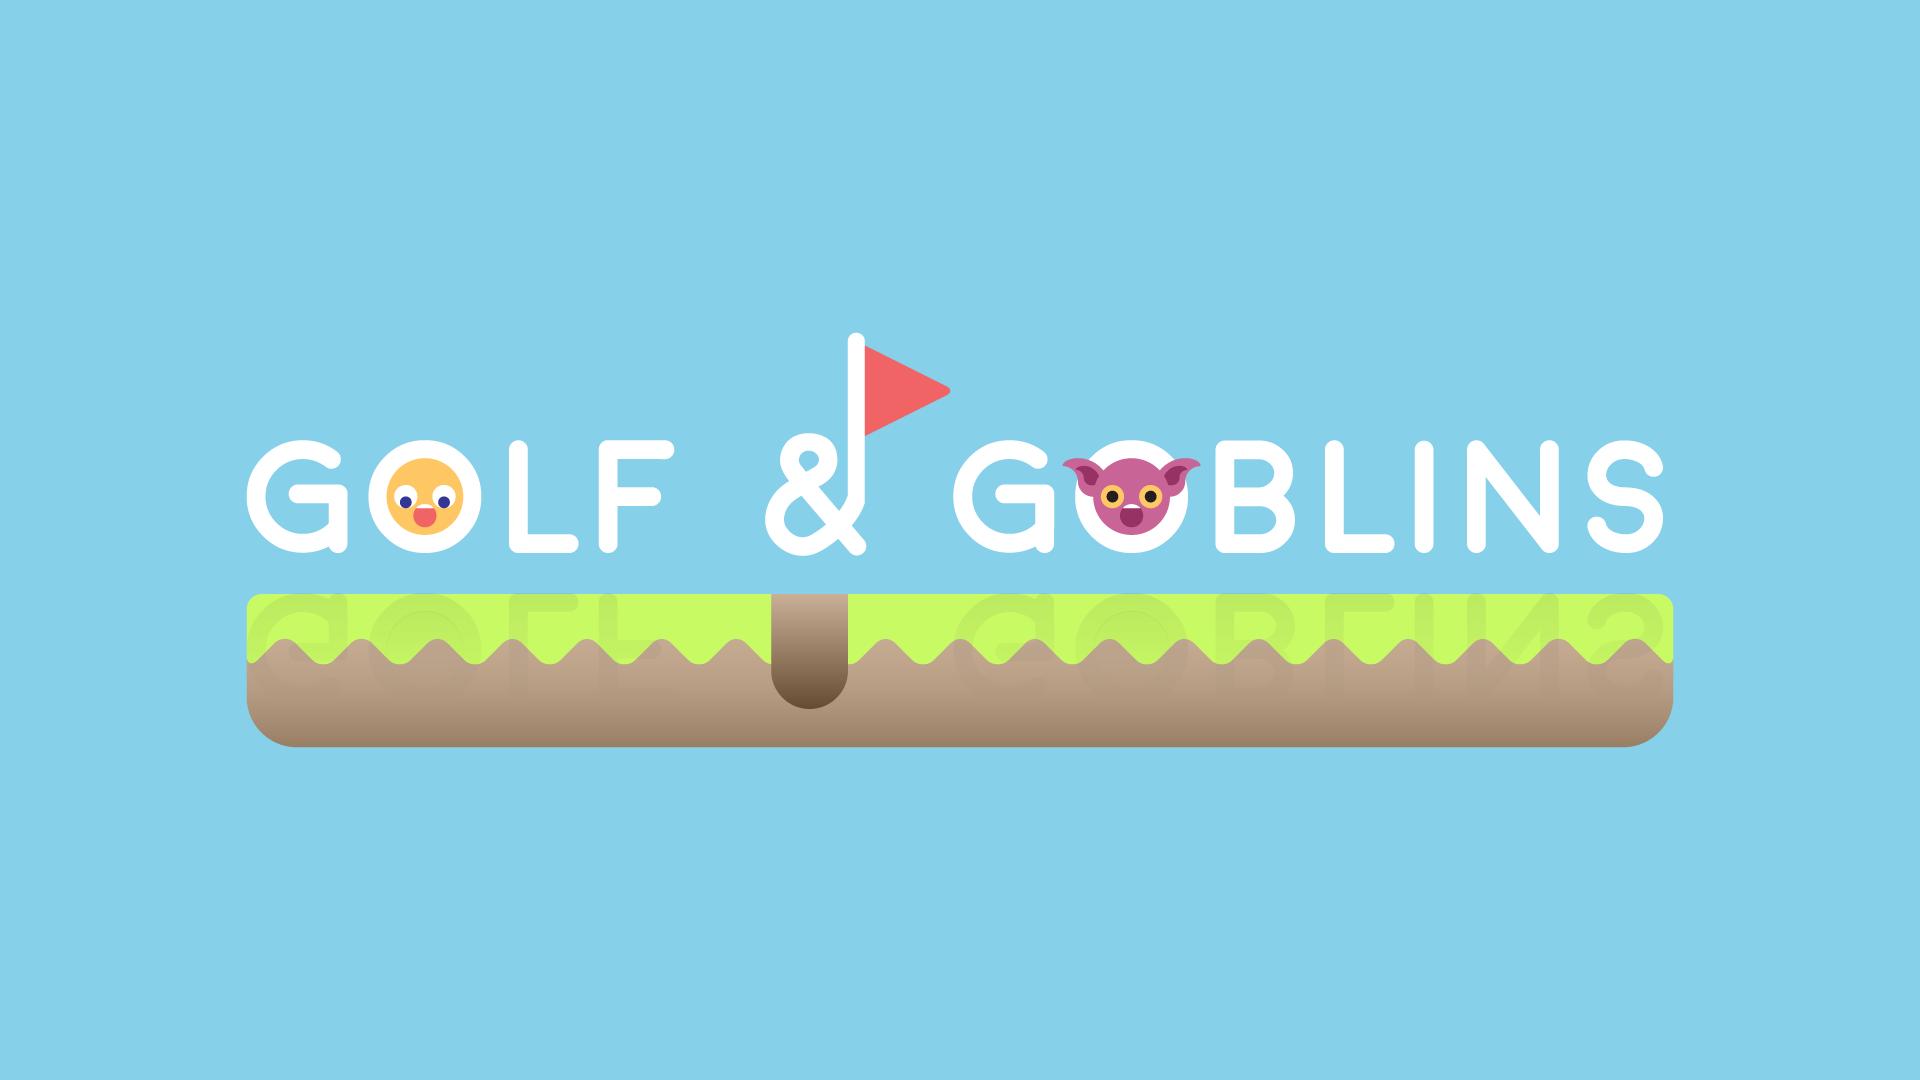 Golf & Goblins Post Mortem